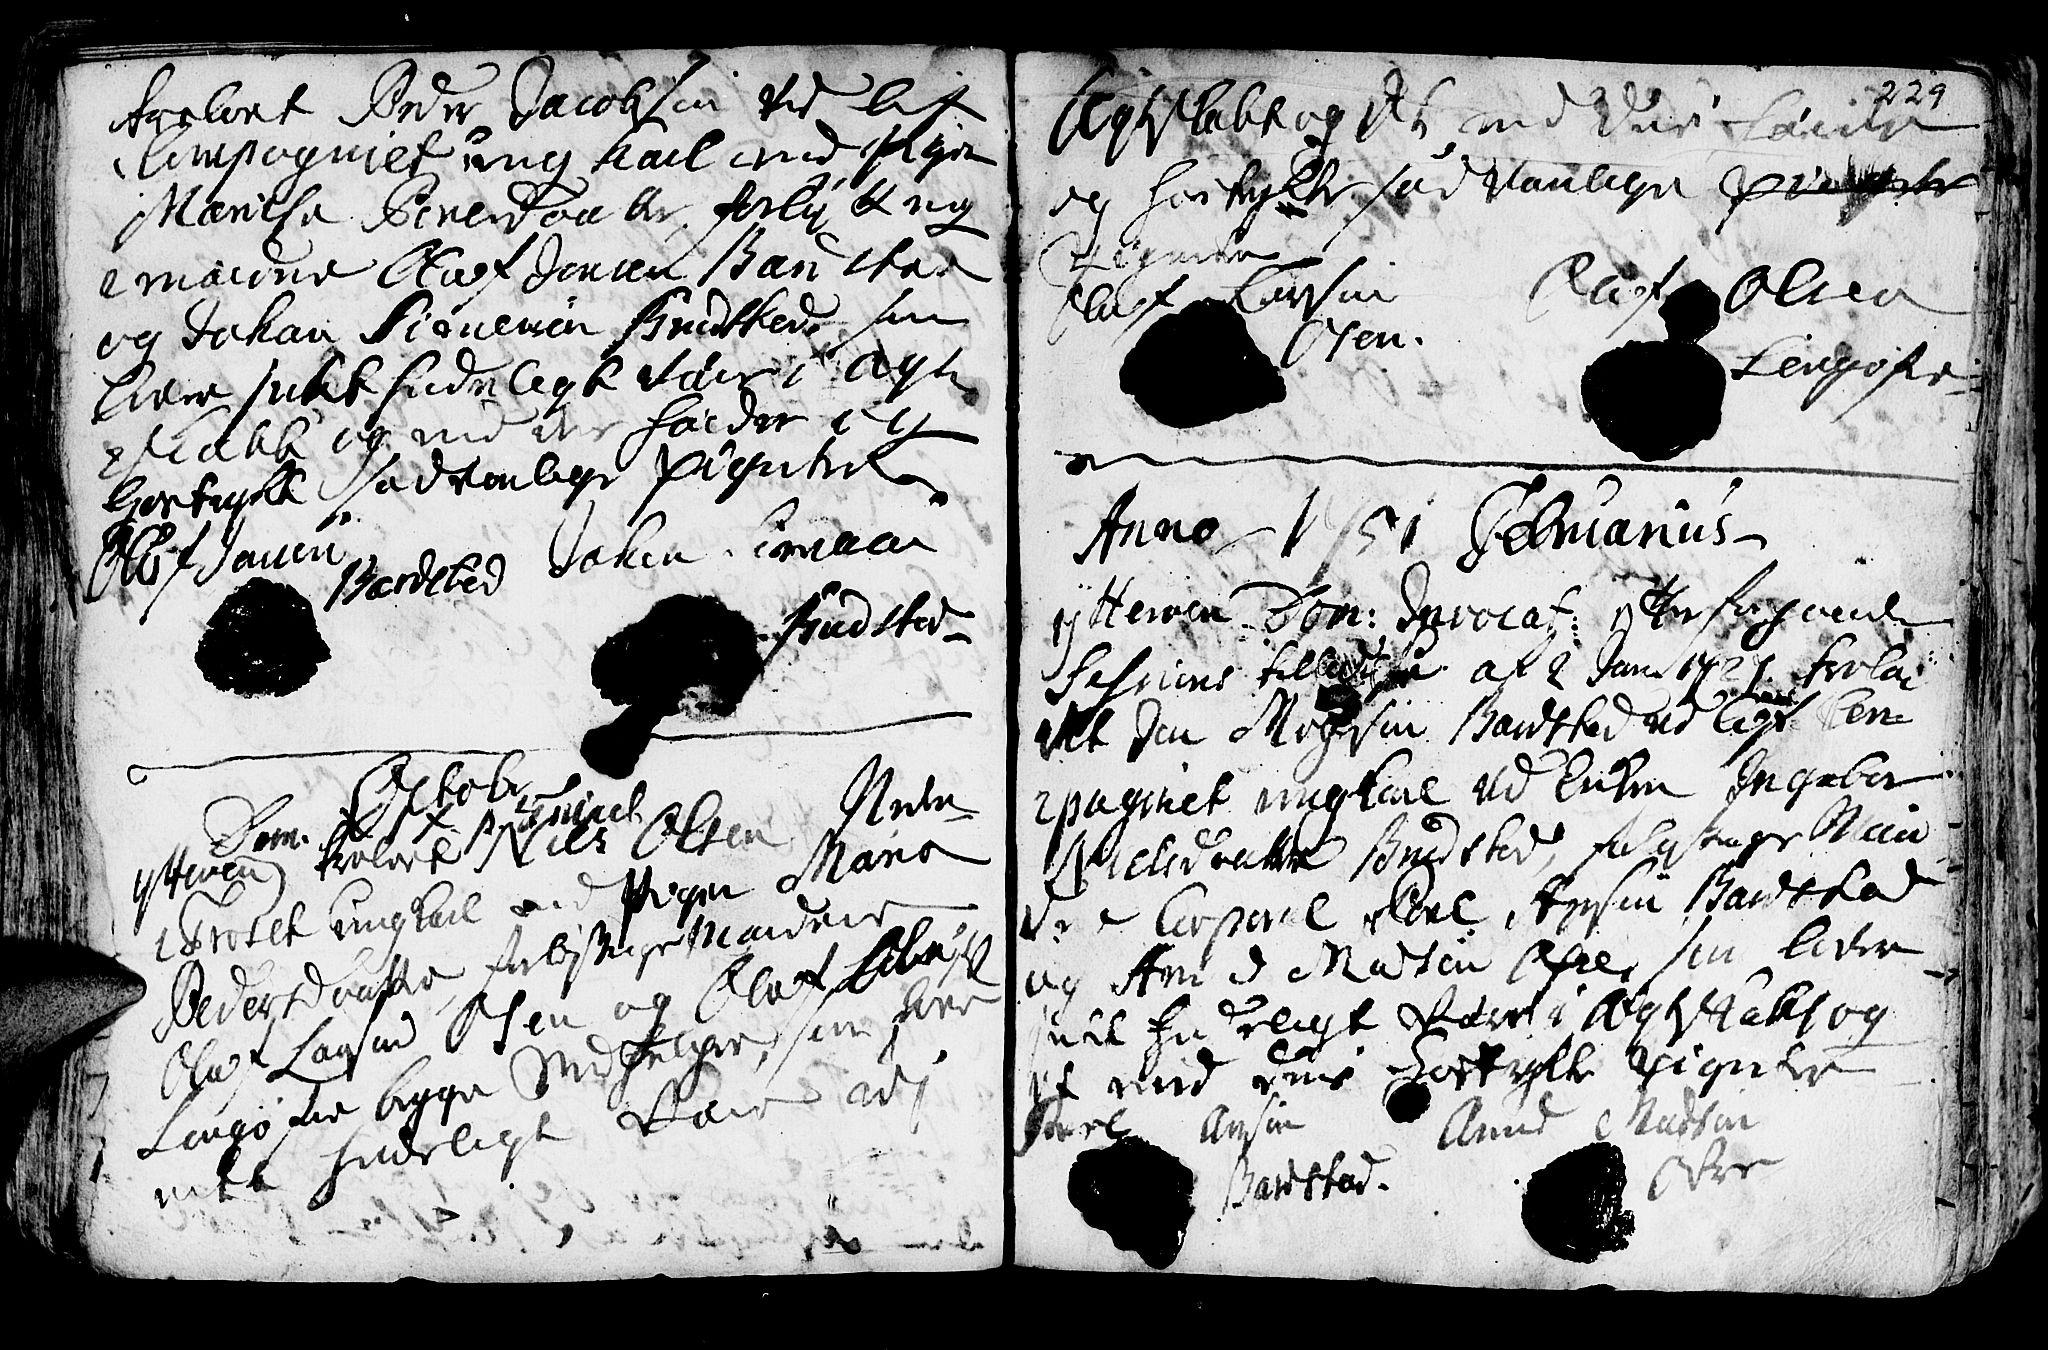 SAT, Ministerialprotokoller, klokkerbøker og fødselsregistre - Nord-Trøndelag, 722/L0215: Ministerialbok nr. 722A02, 1718-1755, s. 229